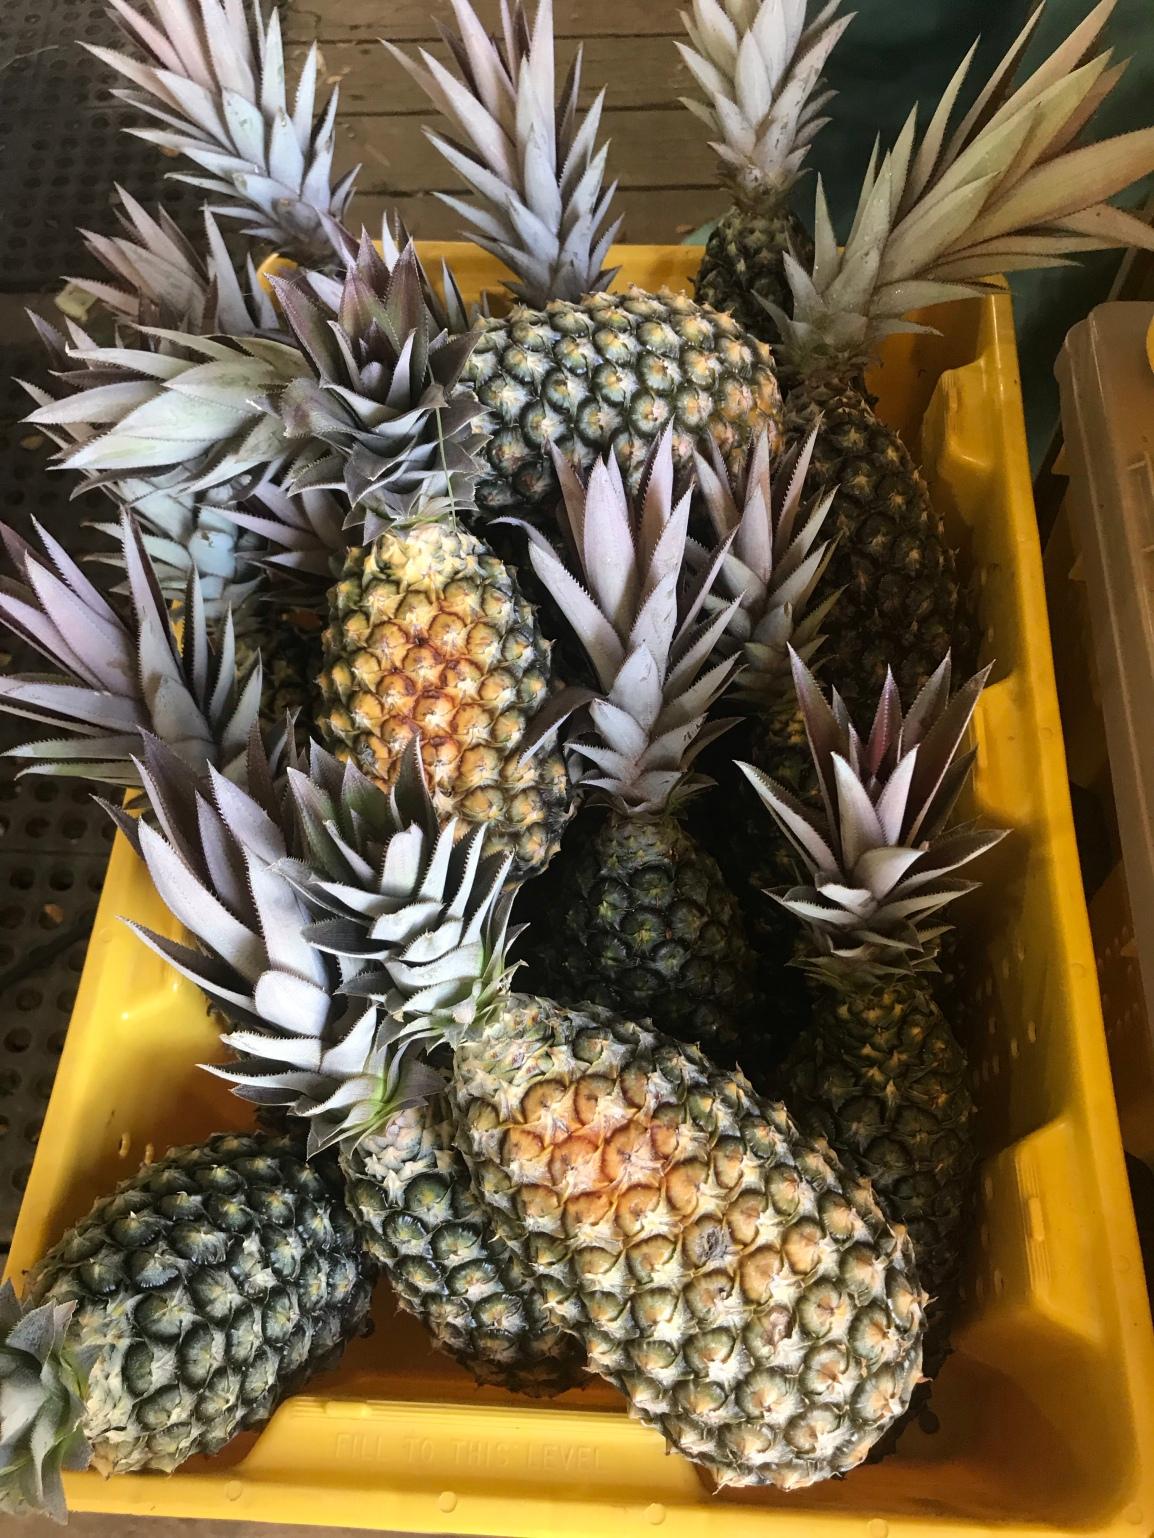 ARTfarm Pineapple Pop-Up Tuesday AfterWork!